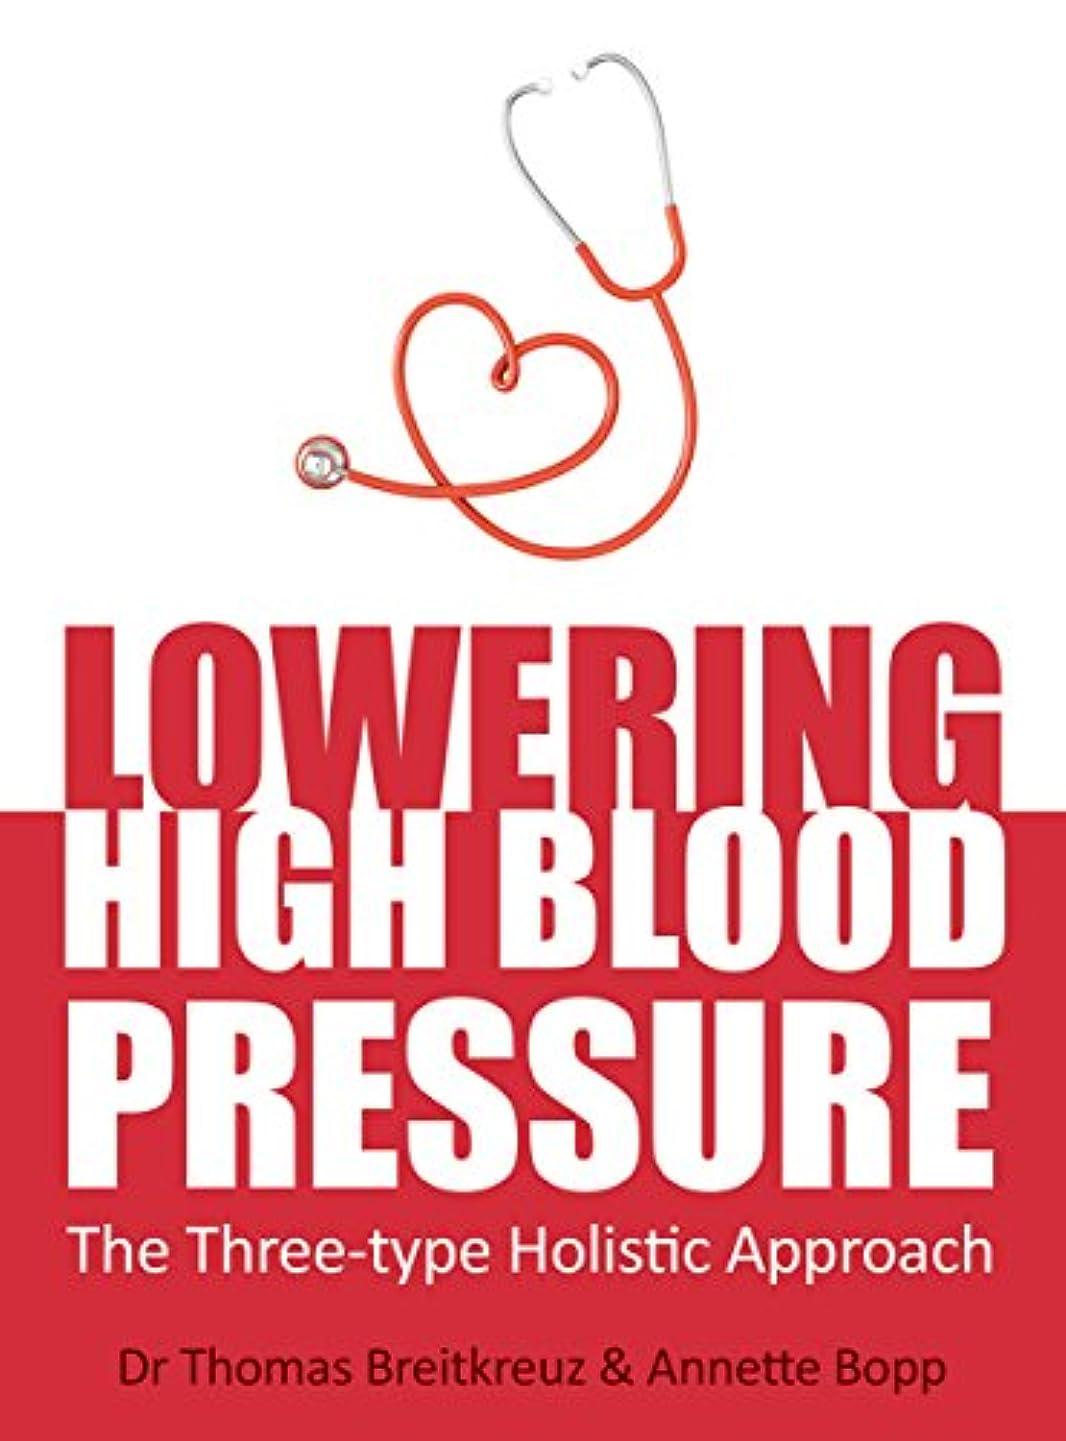 不公平遺棄された気質Lowering High Blood Pressure: The Three-type Holistic Approach